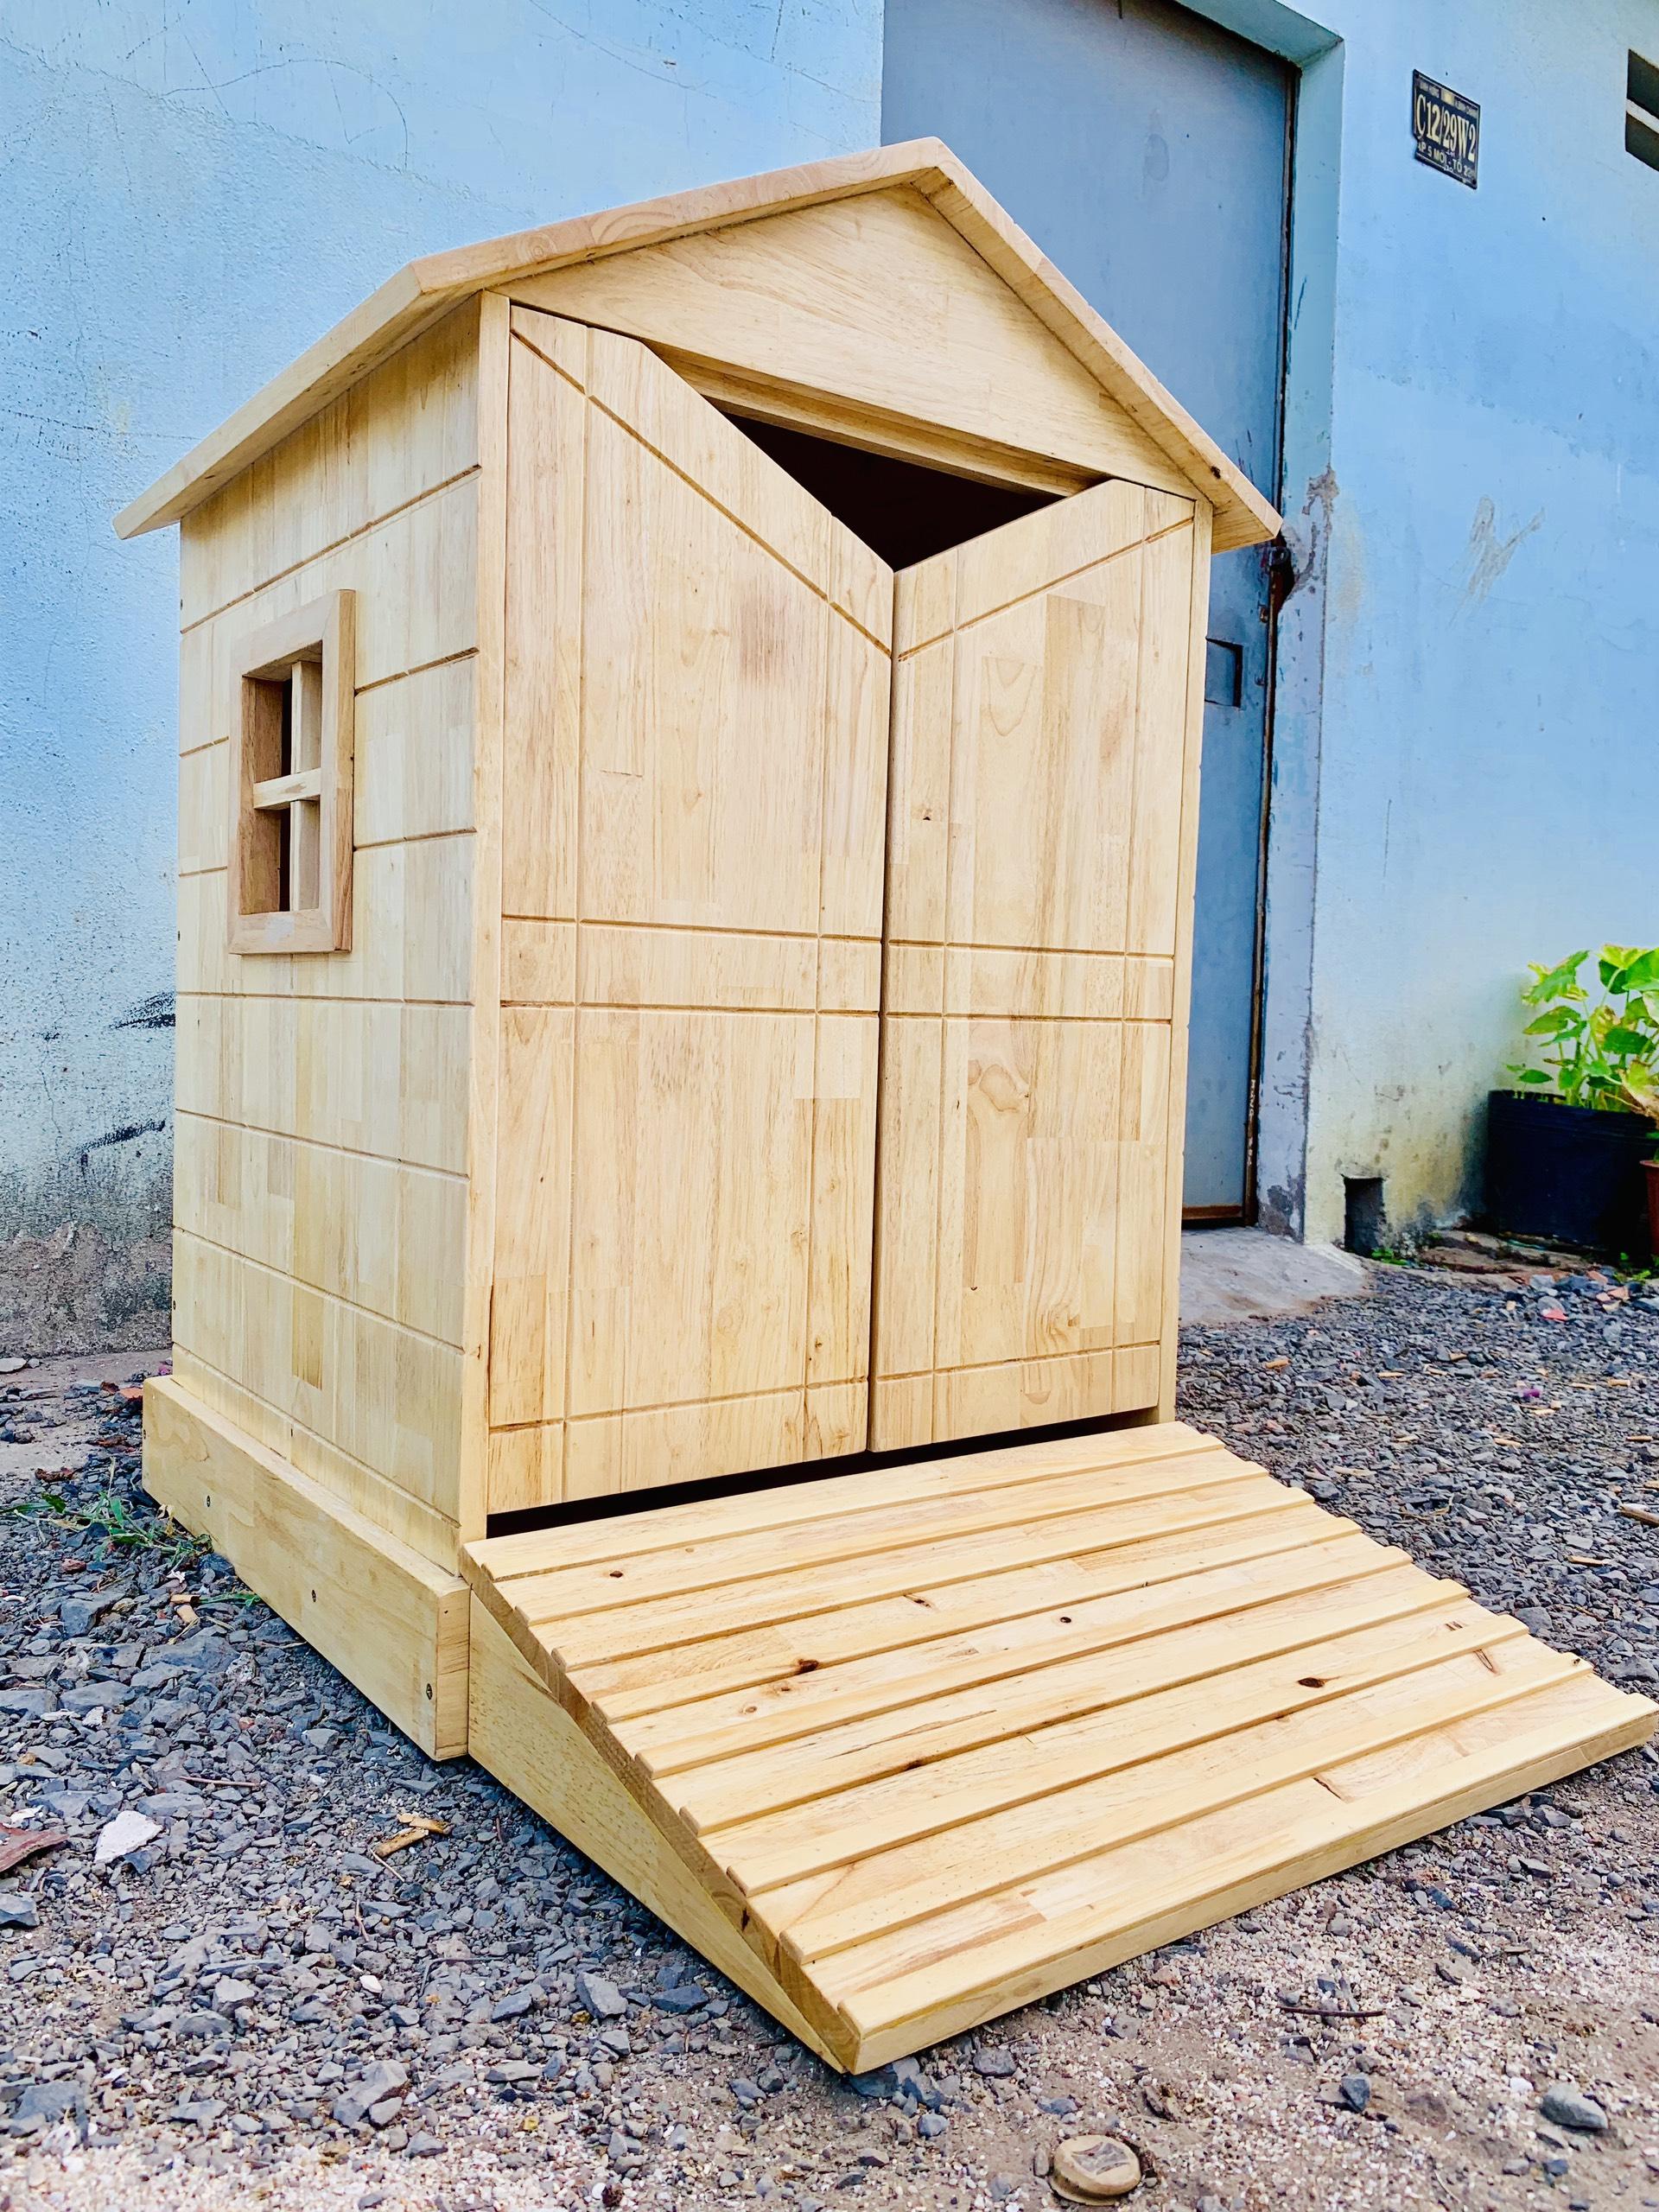 Nhà gỗ cho rùa (60x60x100)cm